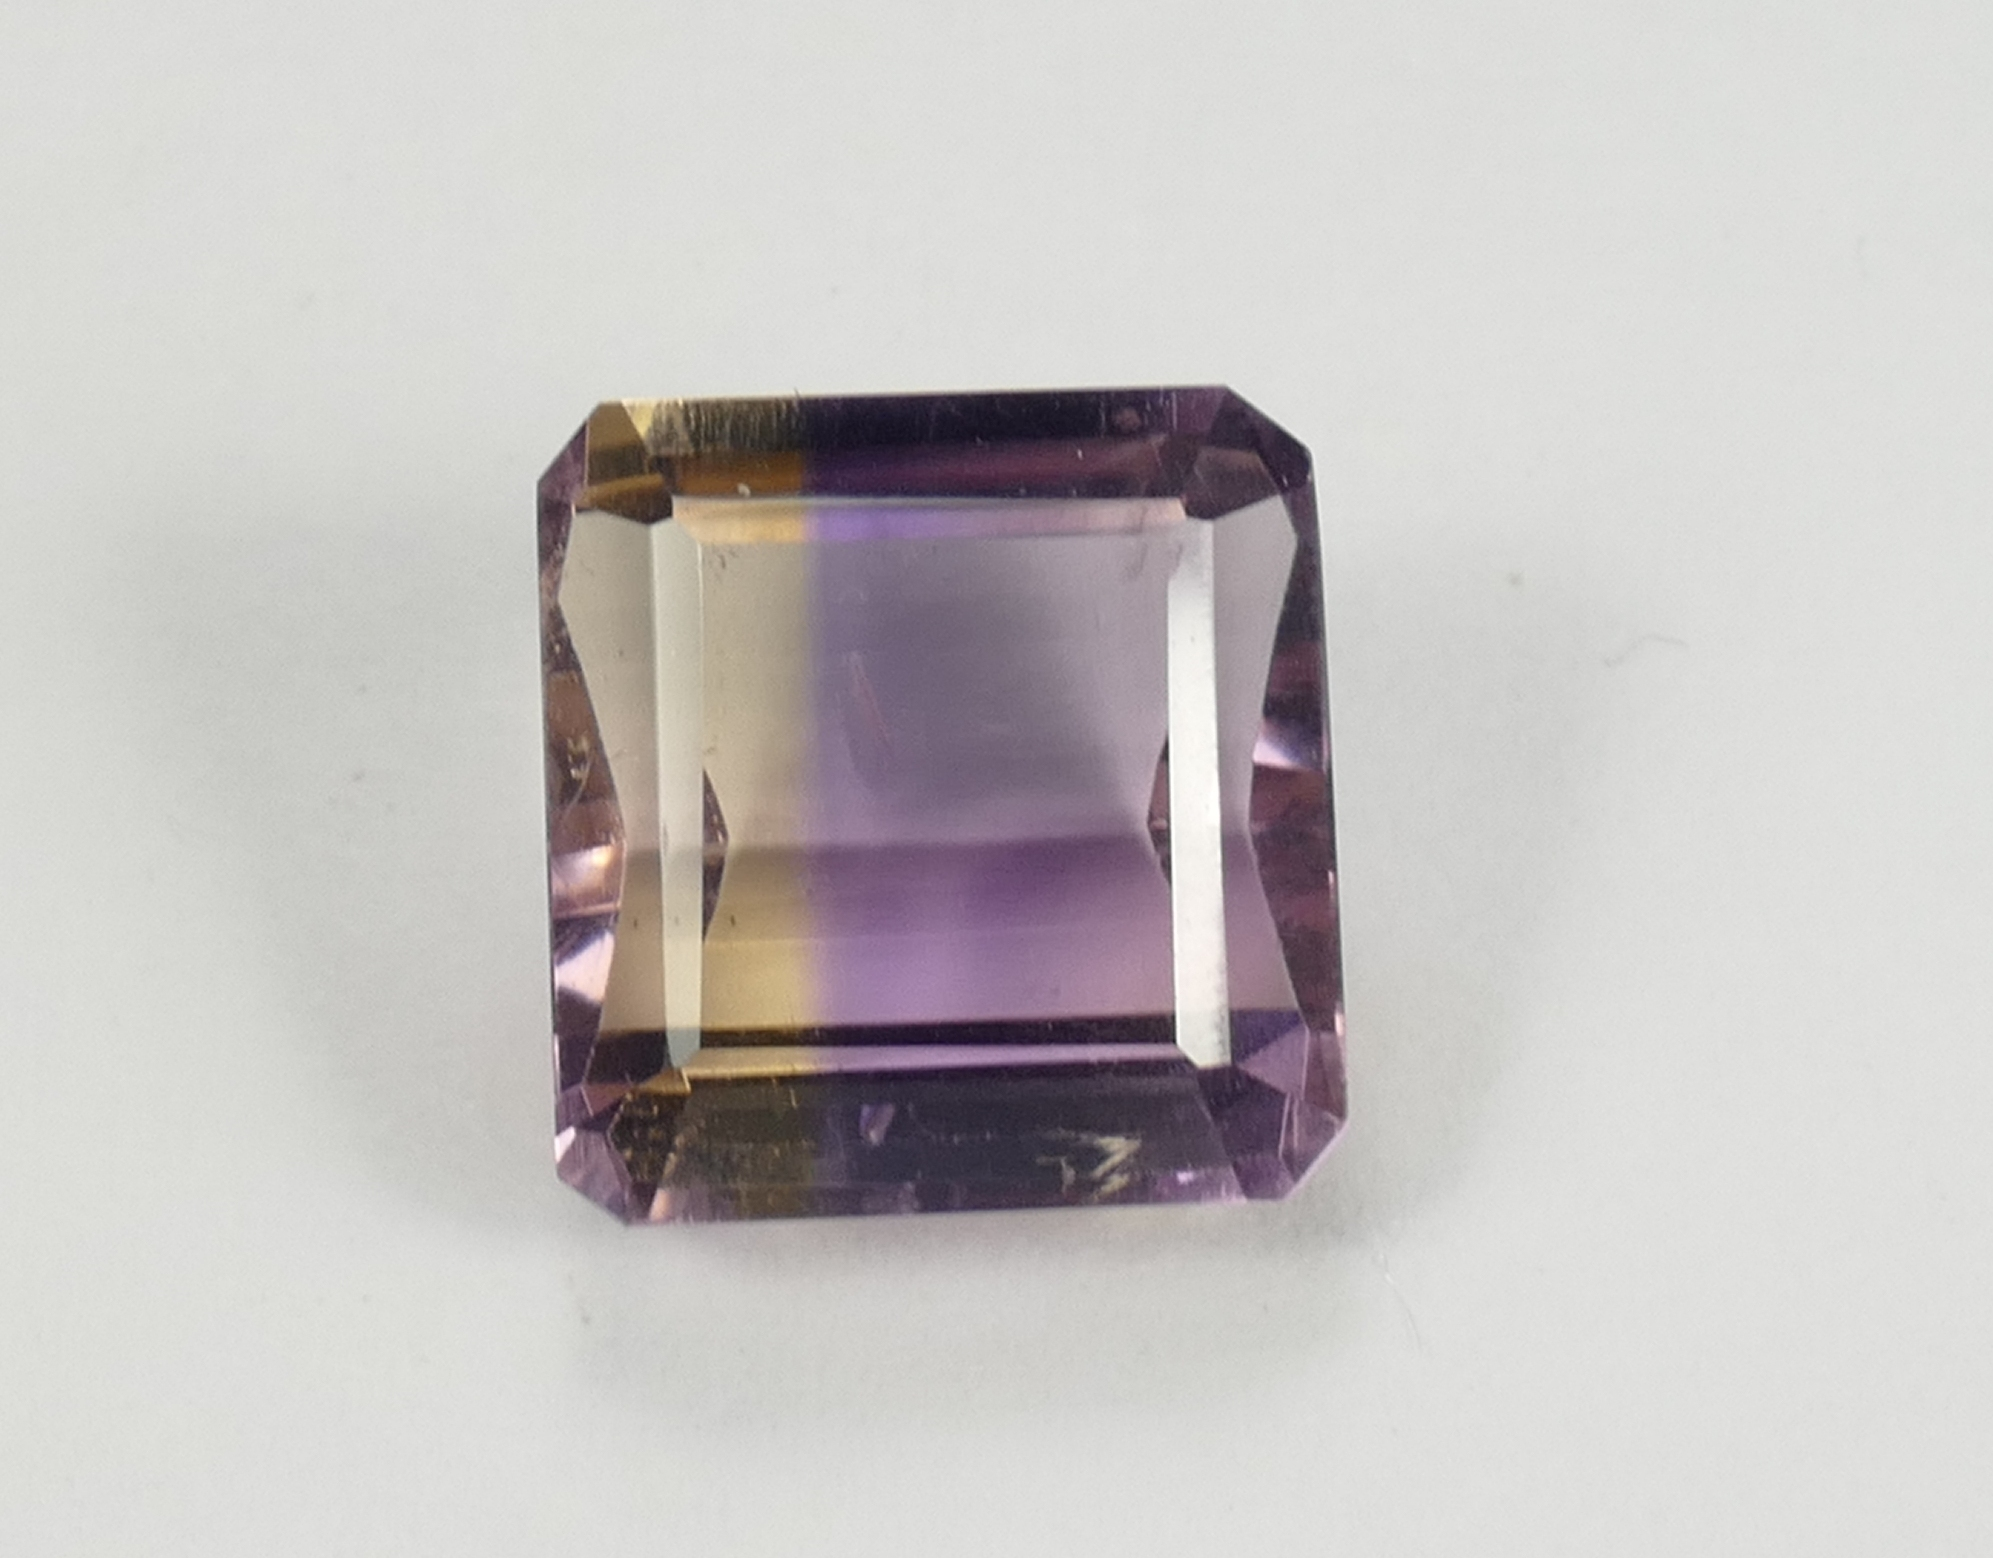 11.9x11.3mm Amétrine naturelle en taille octogonale SI 7.42ct Bolivie, superbe éclat ! (#PB824)